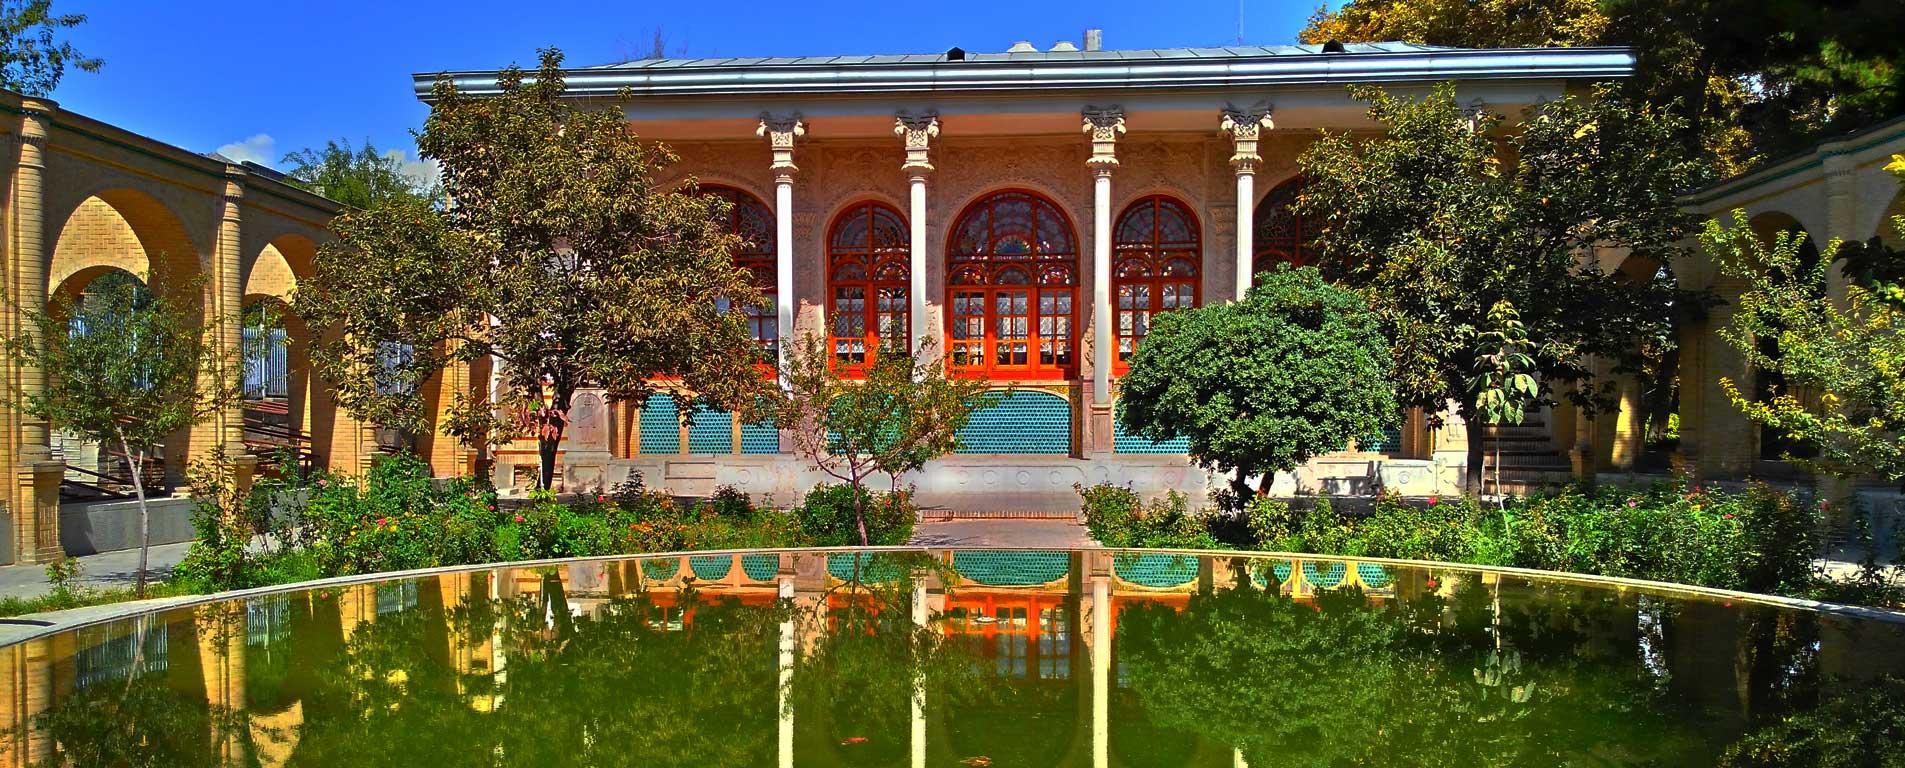 عمارت مسعودیه ؛ مرور تاریخ تهران قدیم در دل یک عمارت